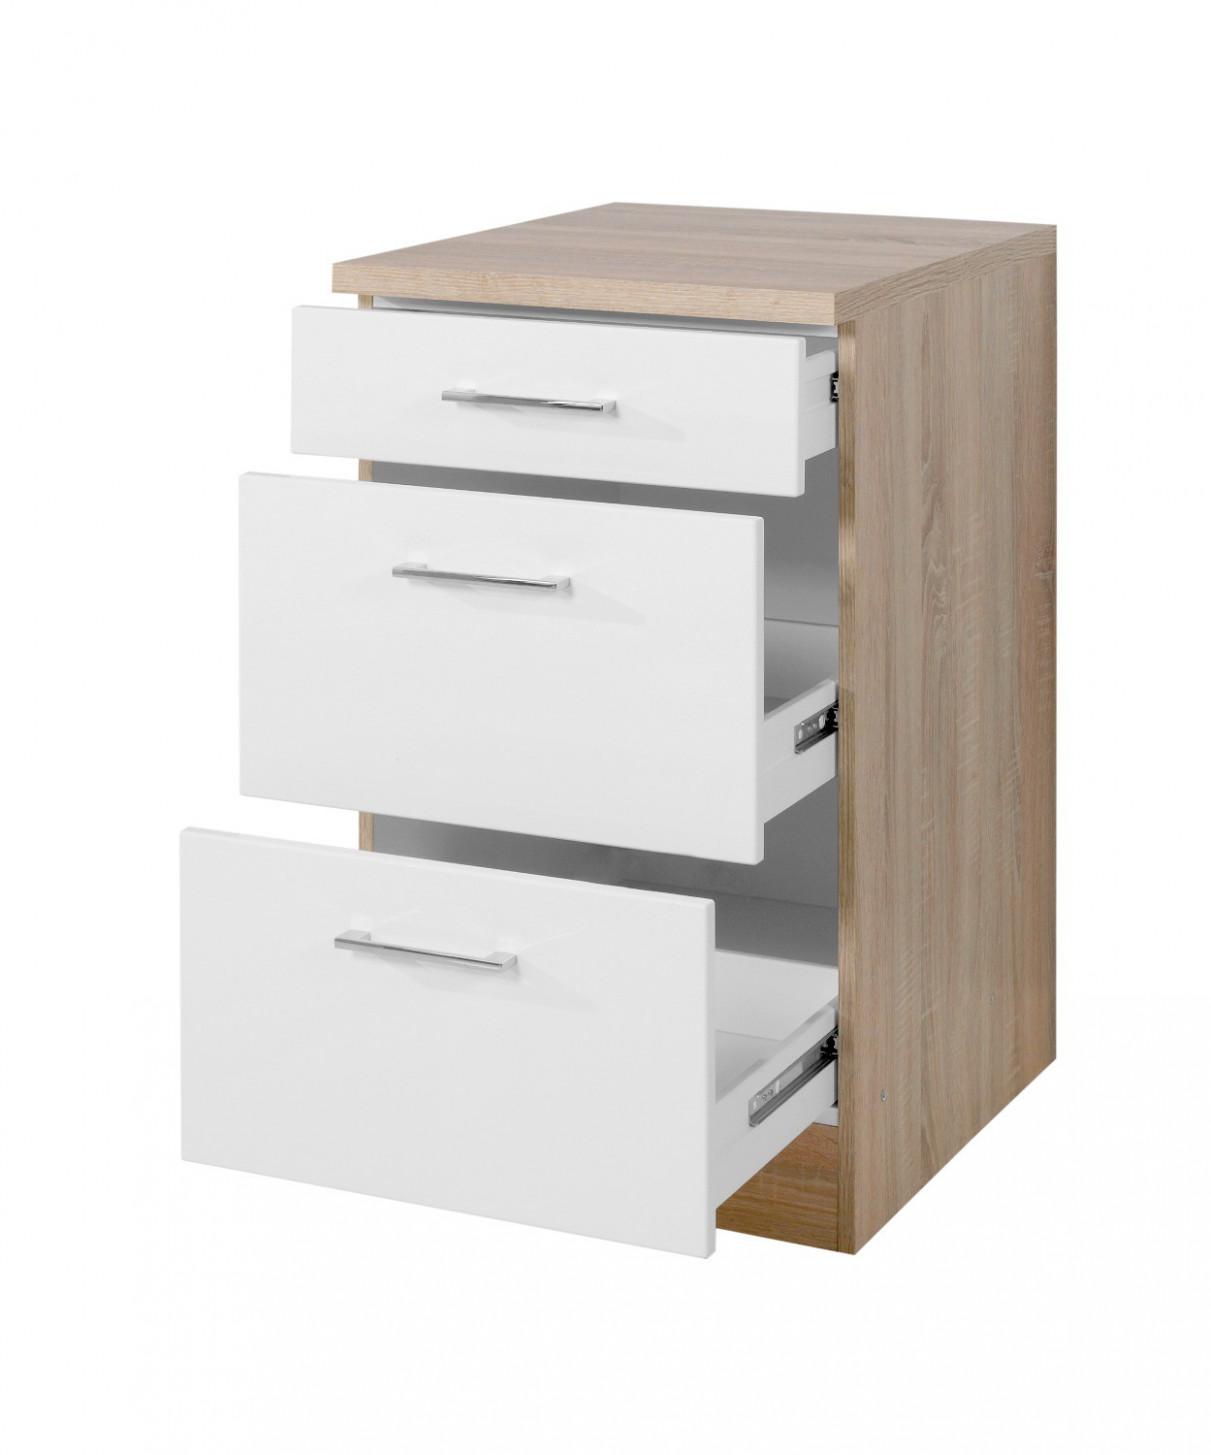 Full Size of Ikea Unterschrank Kchen Lampe Tischleuchte Selber Bauen Badezimmer Bad Holz Küche Kaufen Sofa Mit Schlaffunktion Kosten Modulküche Eckunterschrank Miniküche Wohnzimmer Ikea Unterschrank